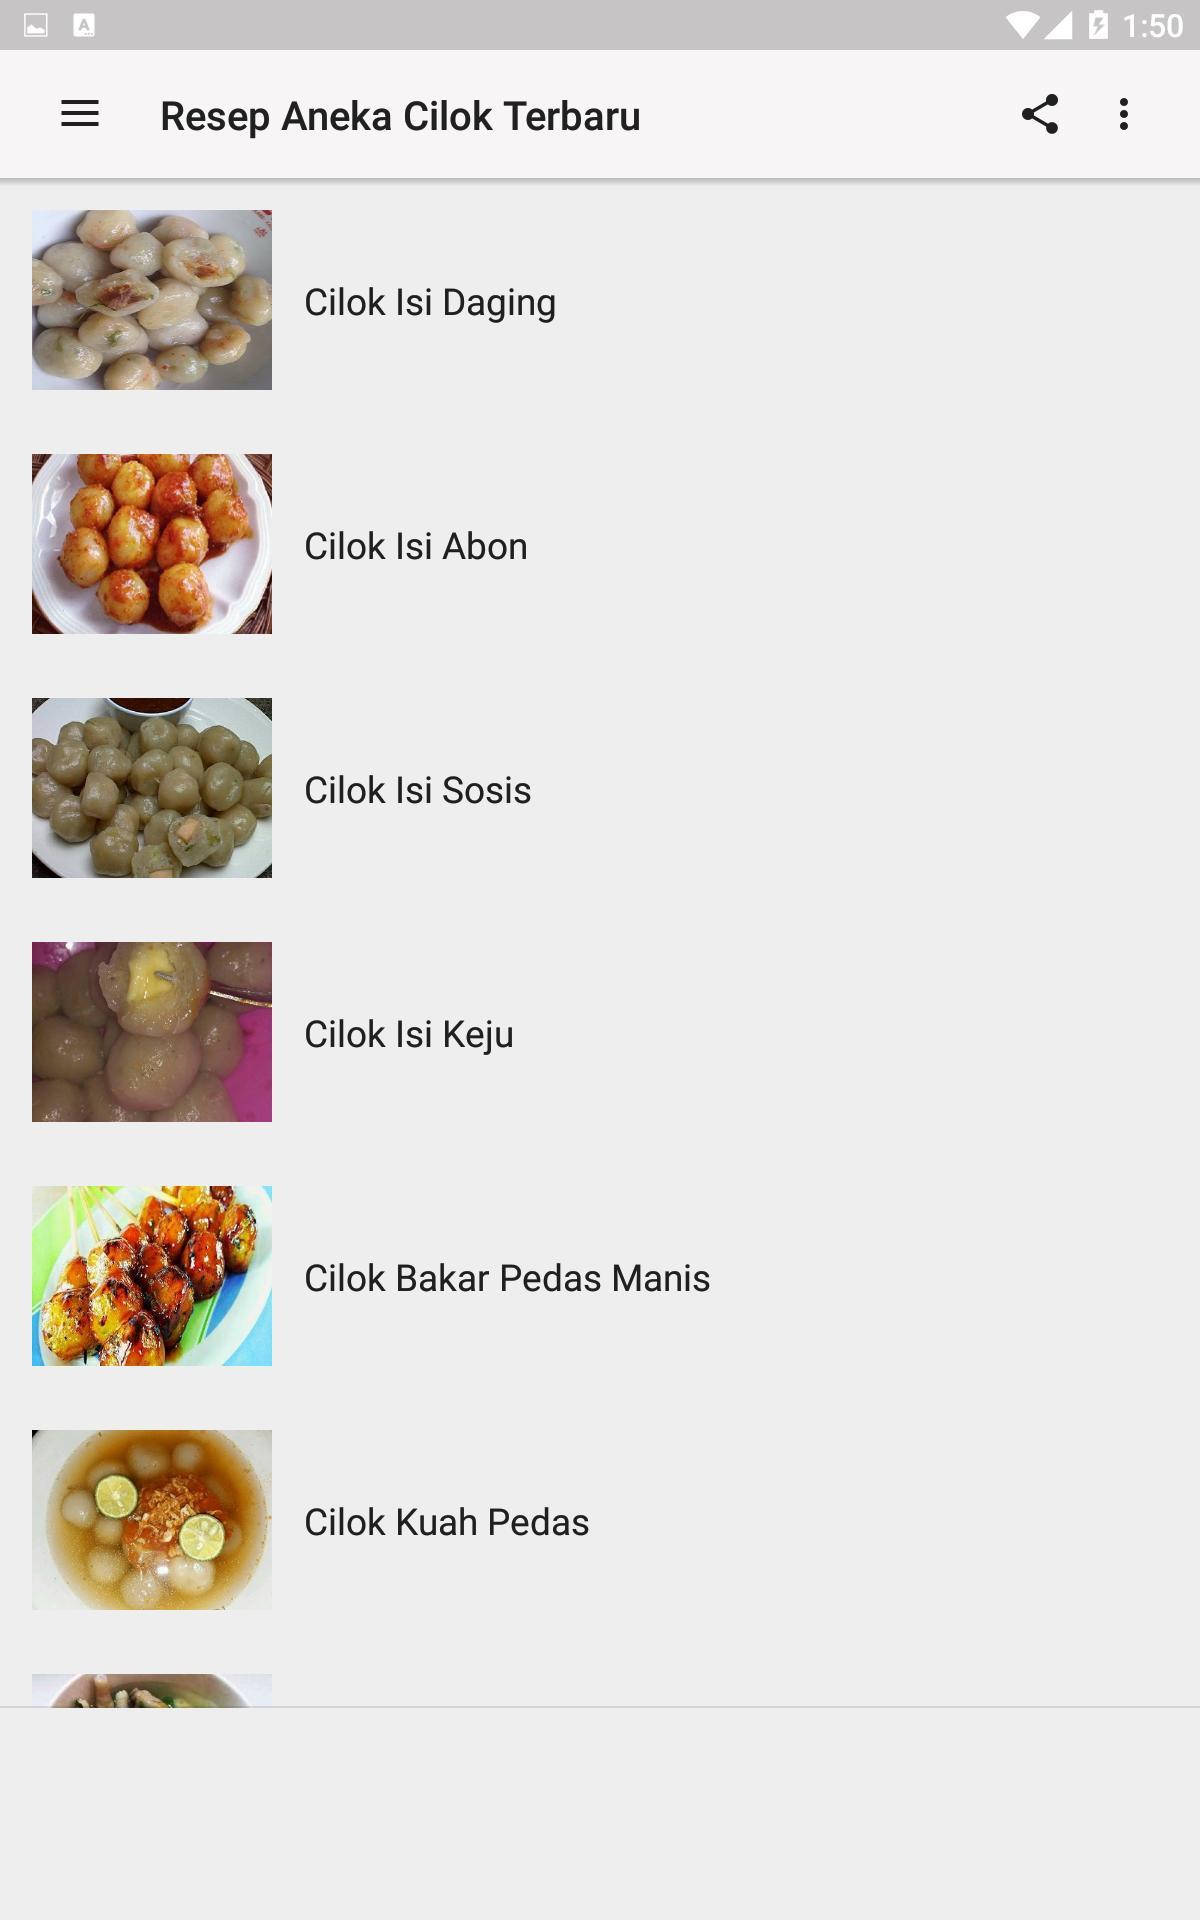 Resep Aneka Cilok Terbaru For Android Apk Download